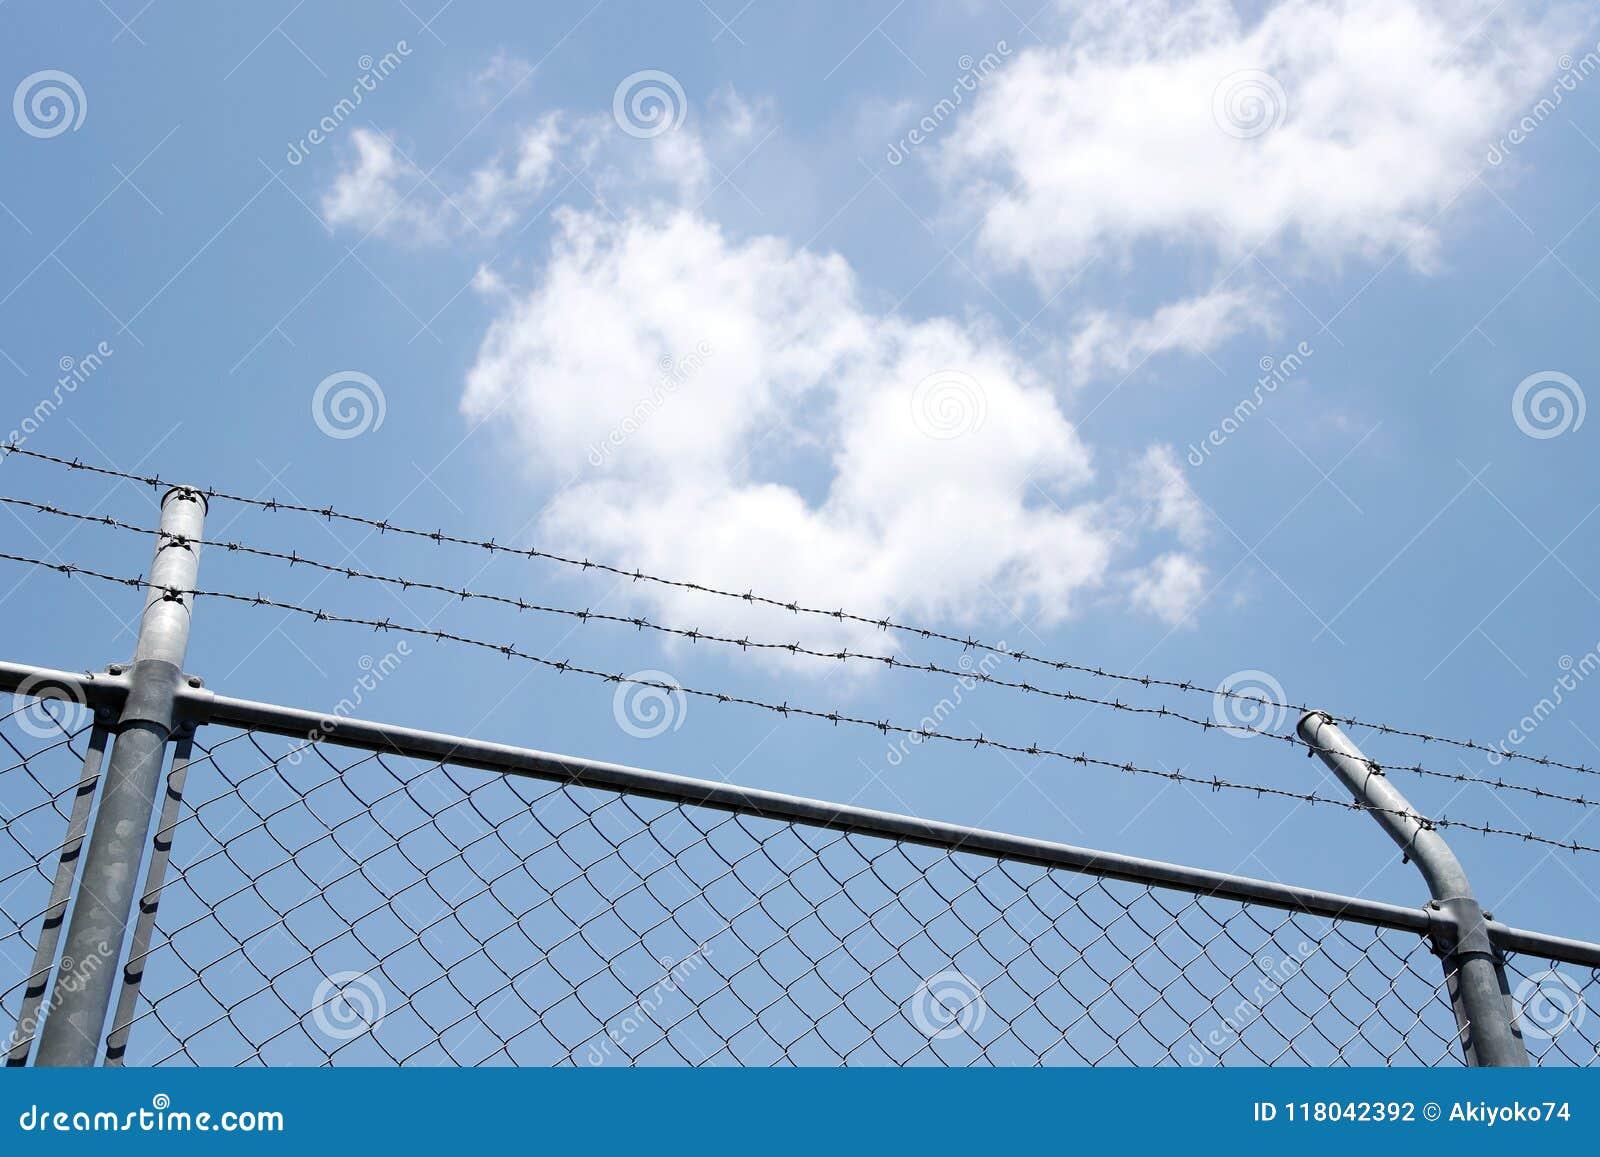 Загородка с колючими проволоками на голубом небе